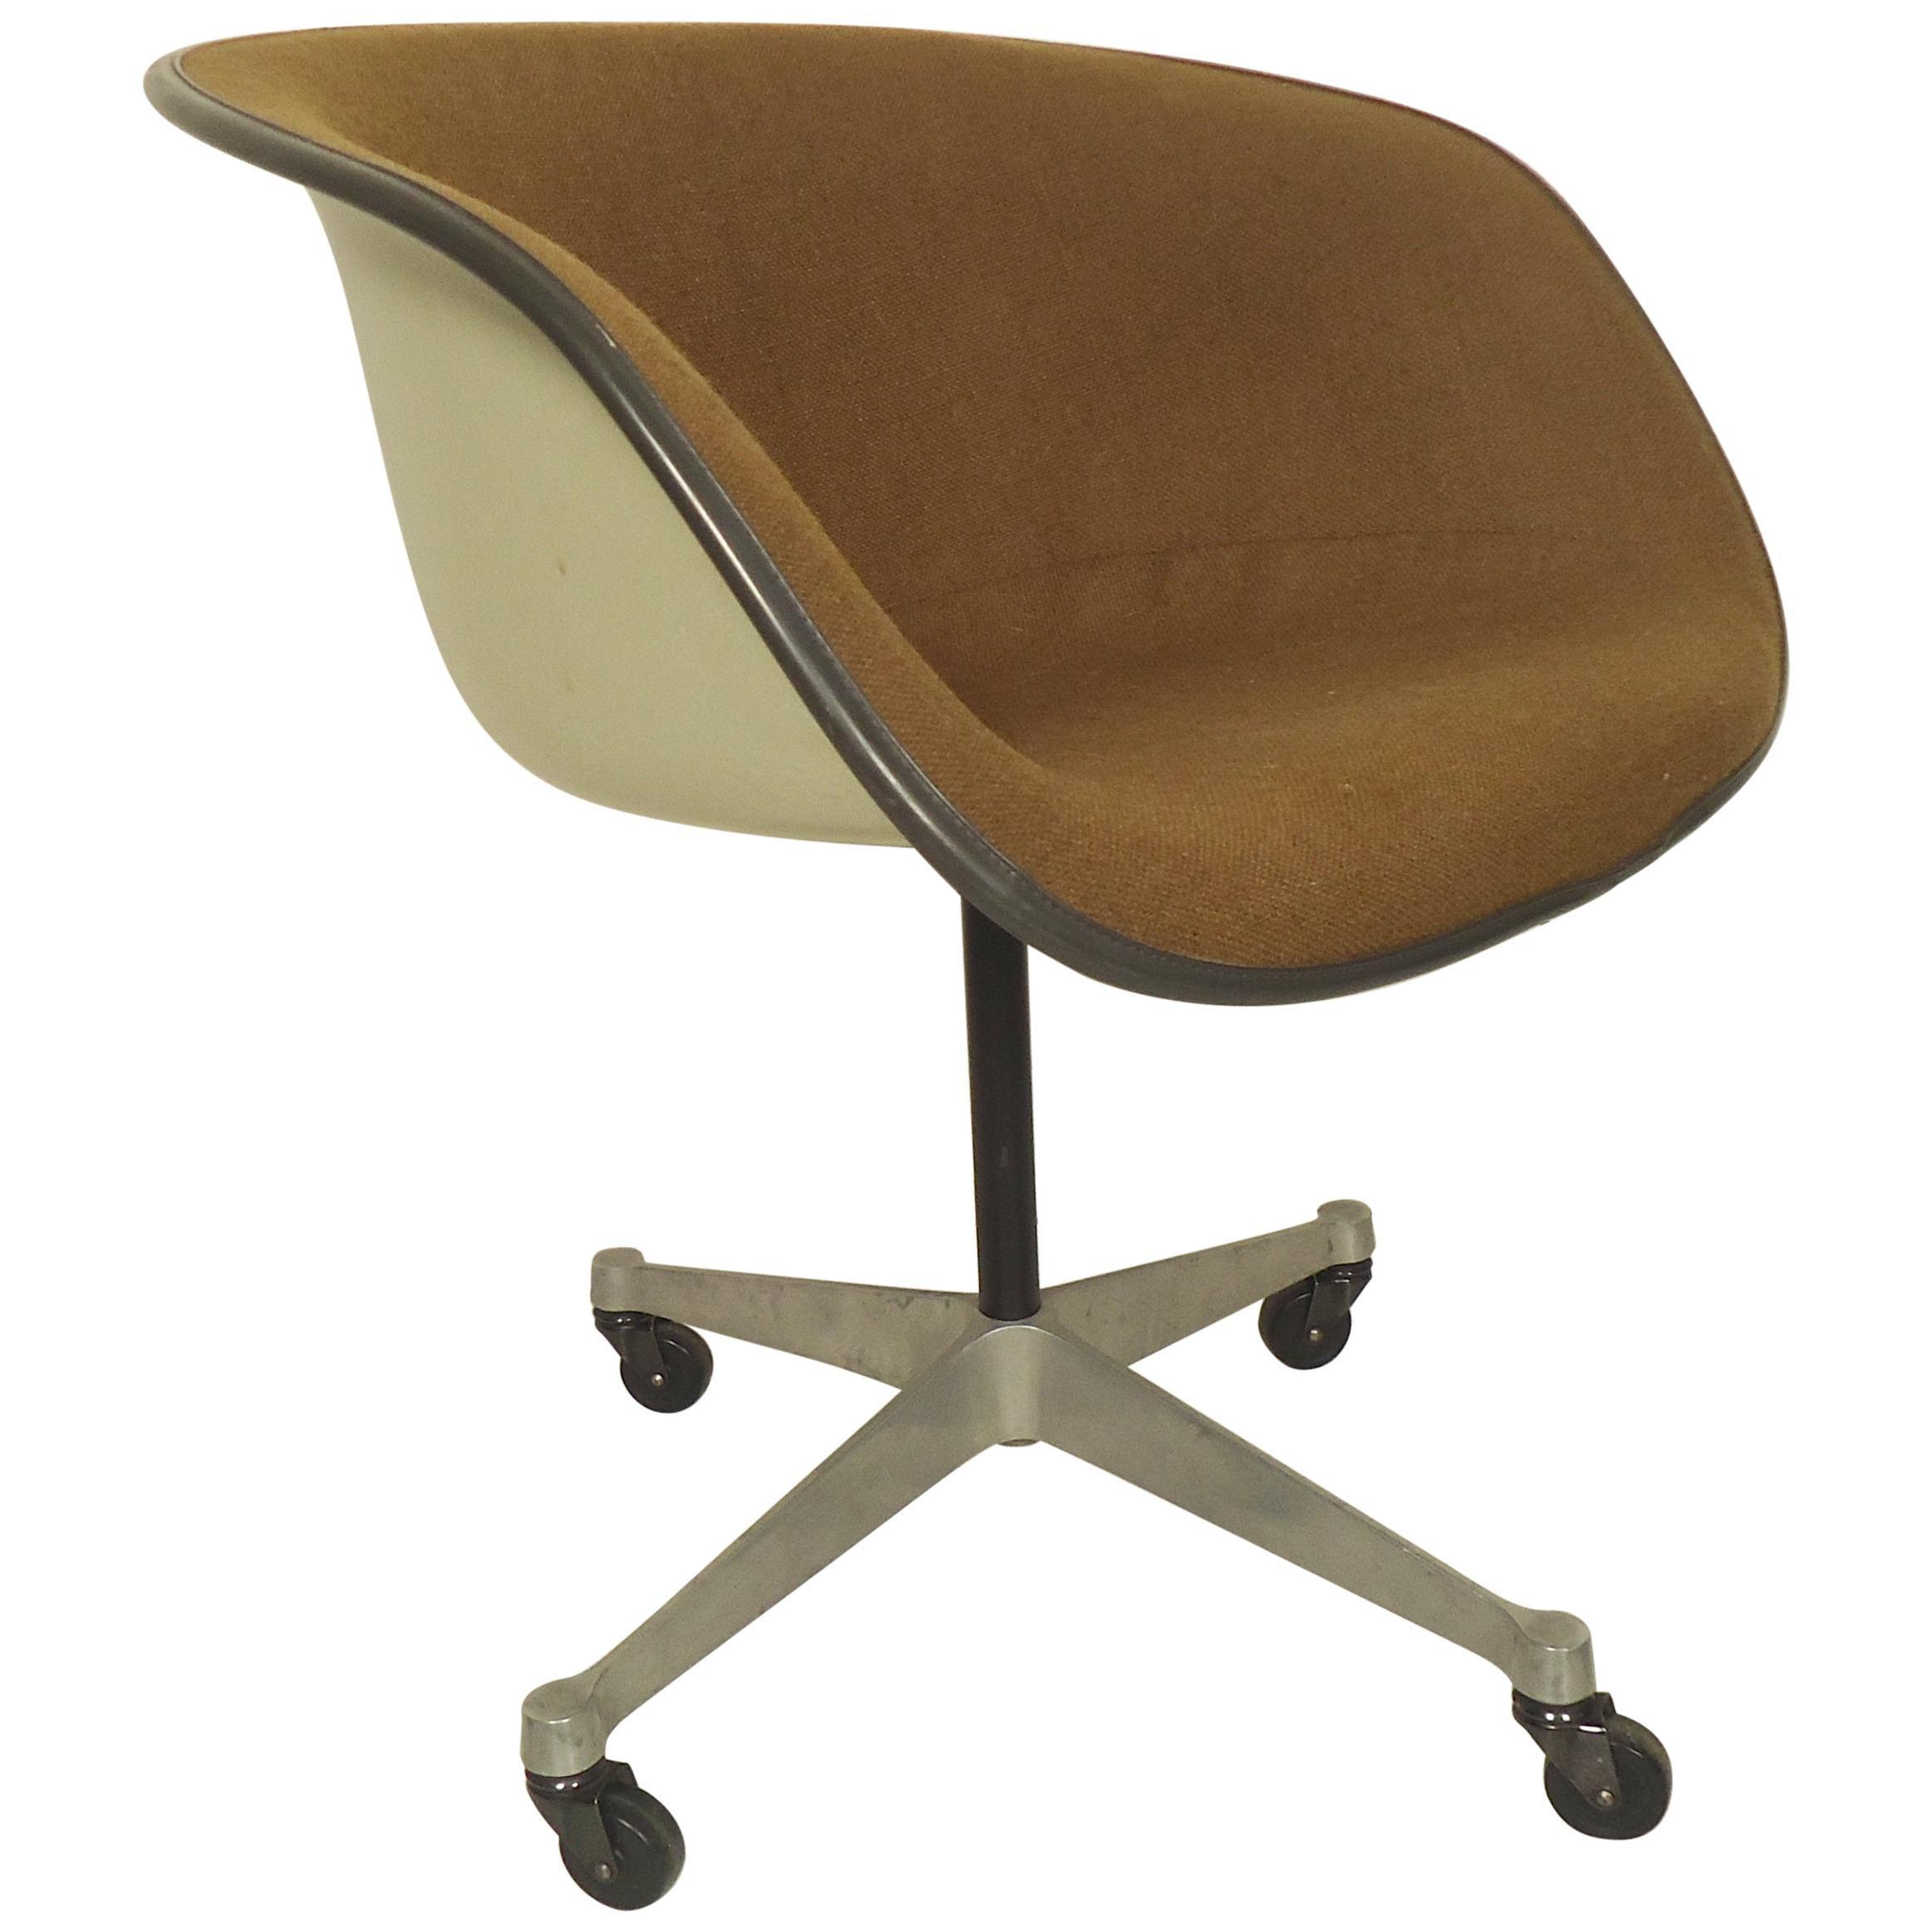 Midcentury Bucket Chair By Herman Miller